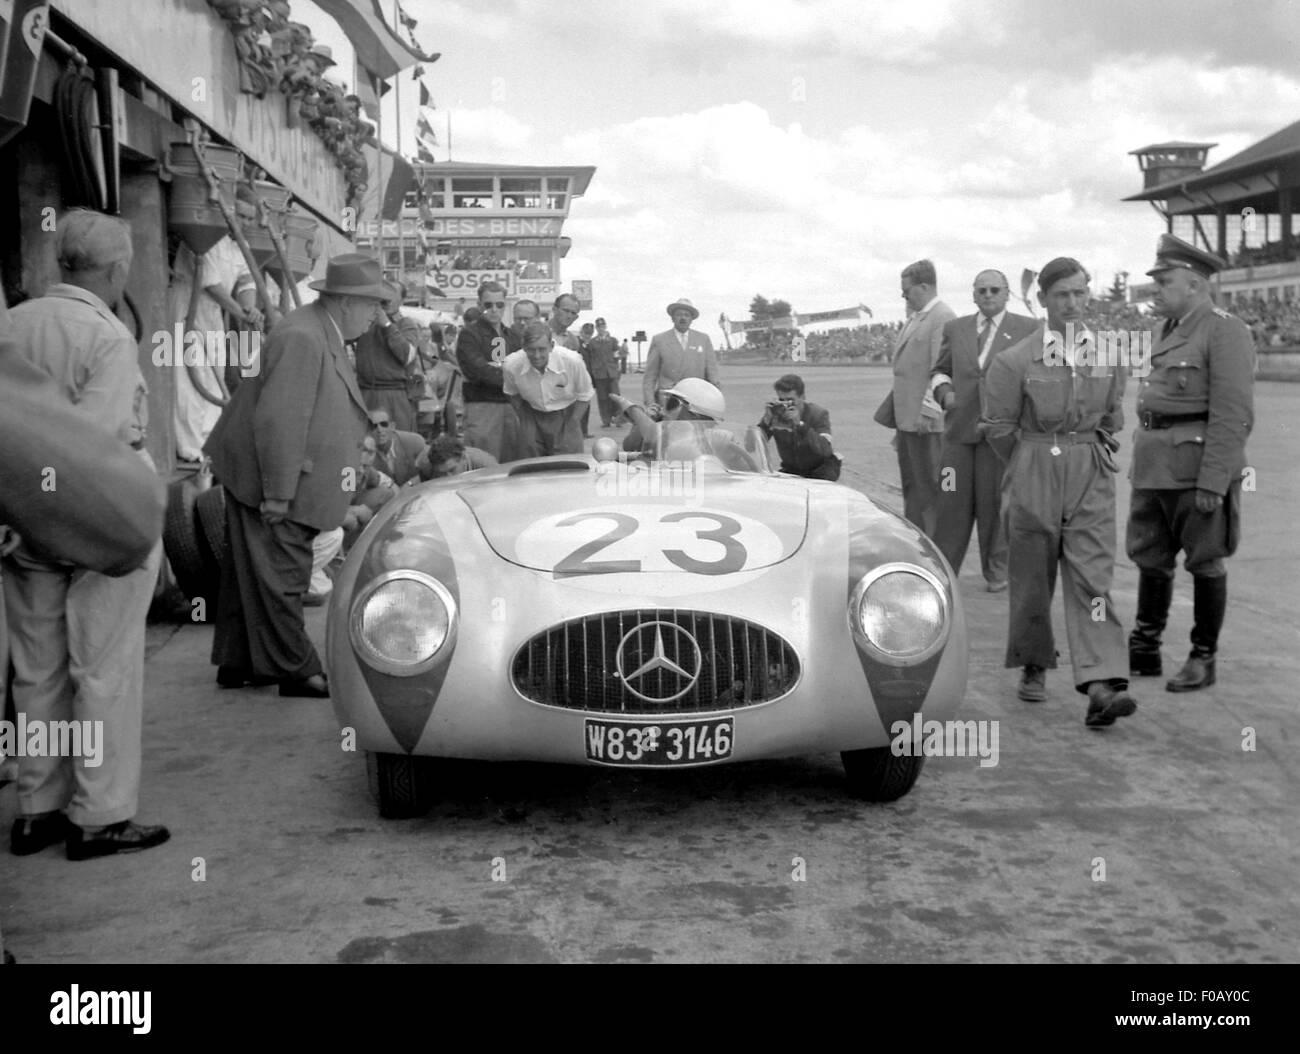 German GP Nurburgring 1952 SPORTS MERCEDES 300SL SPYDER